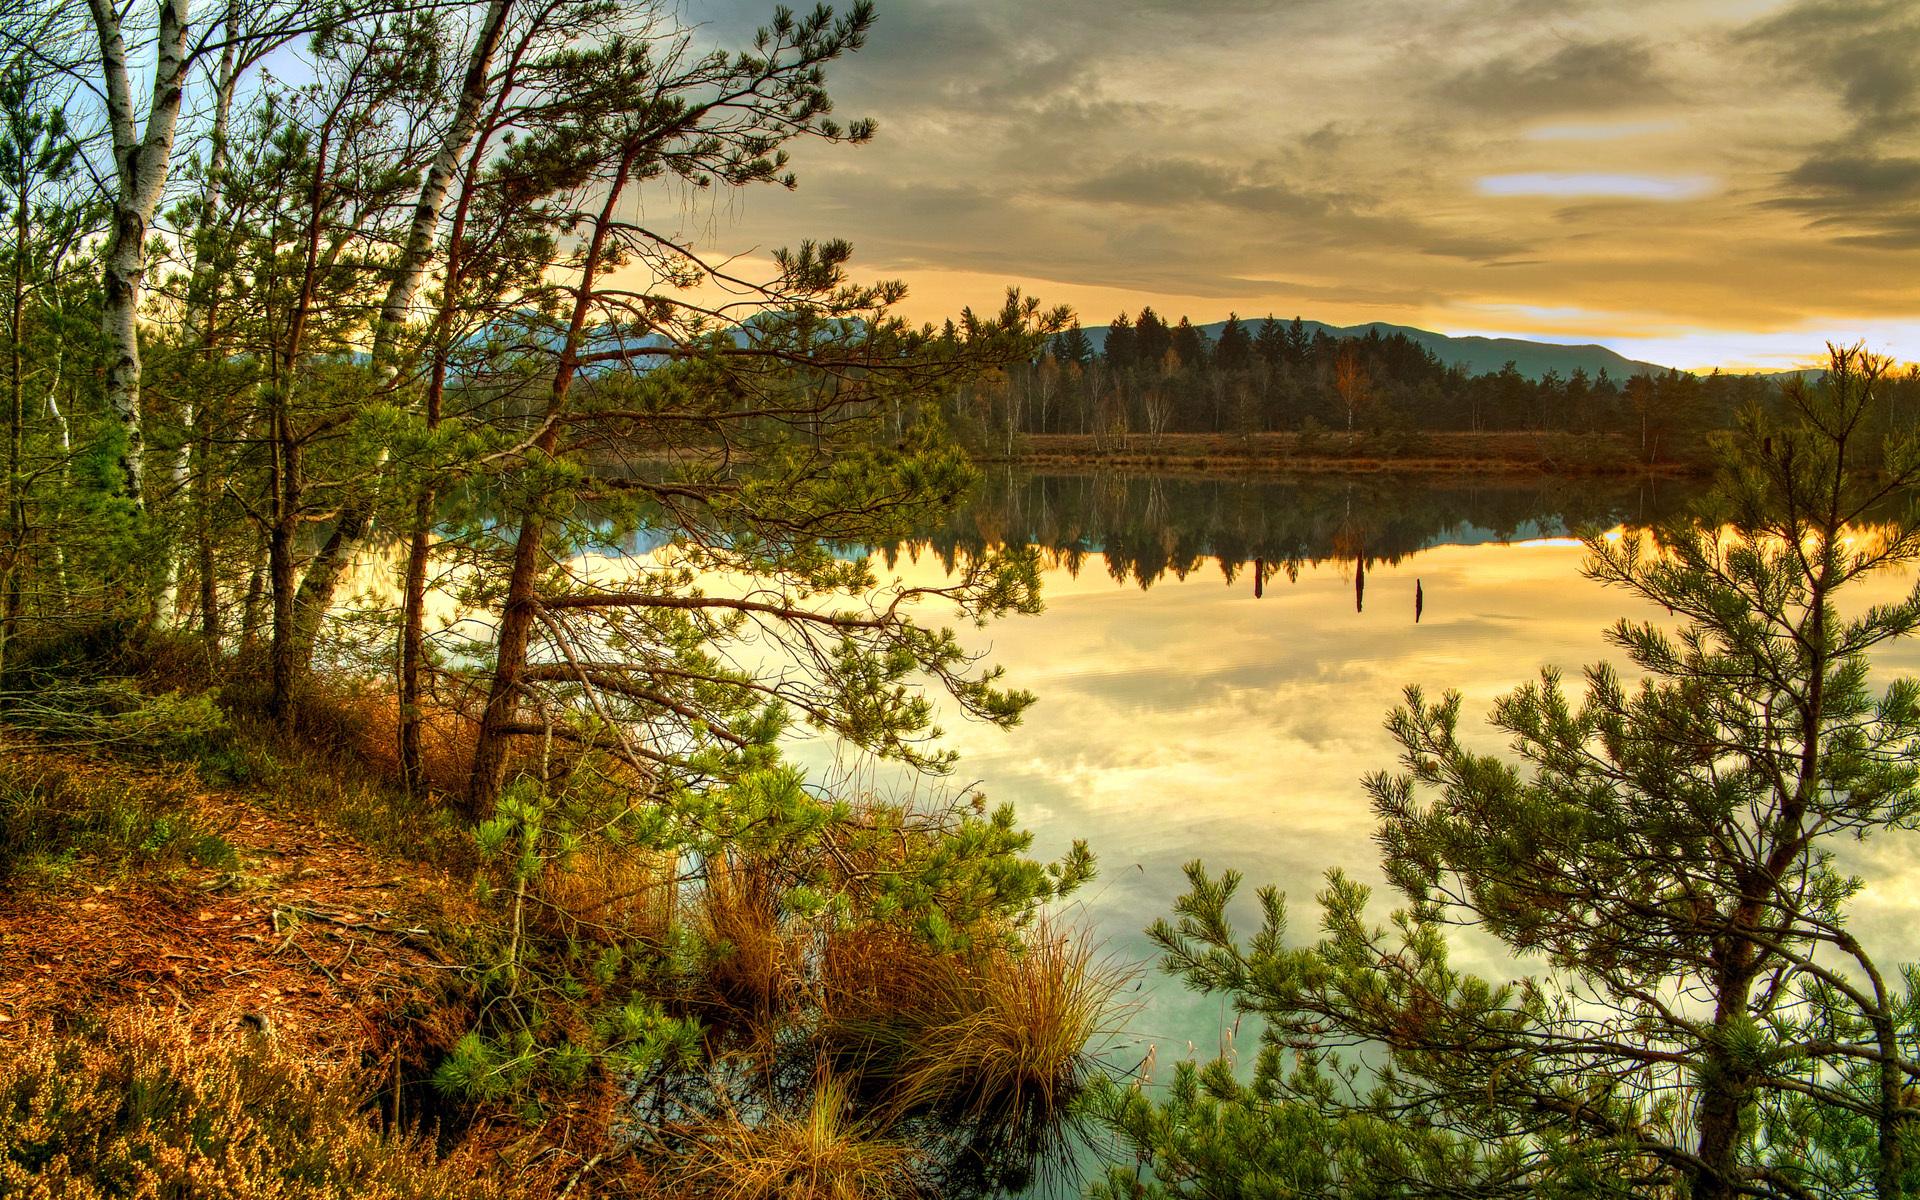 лесные пейзажи фото высокого разрешения это нарушение